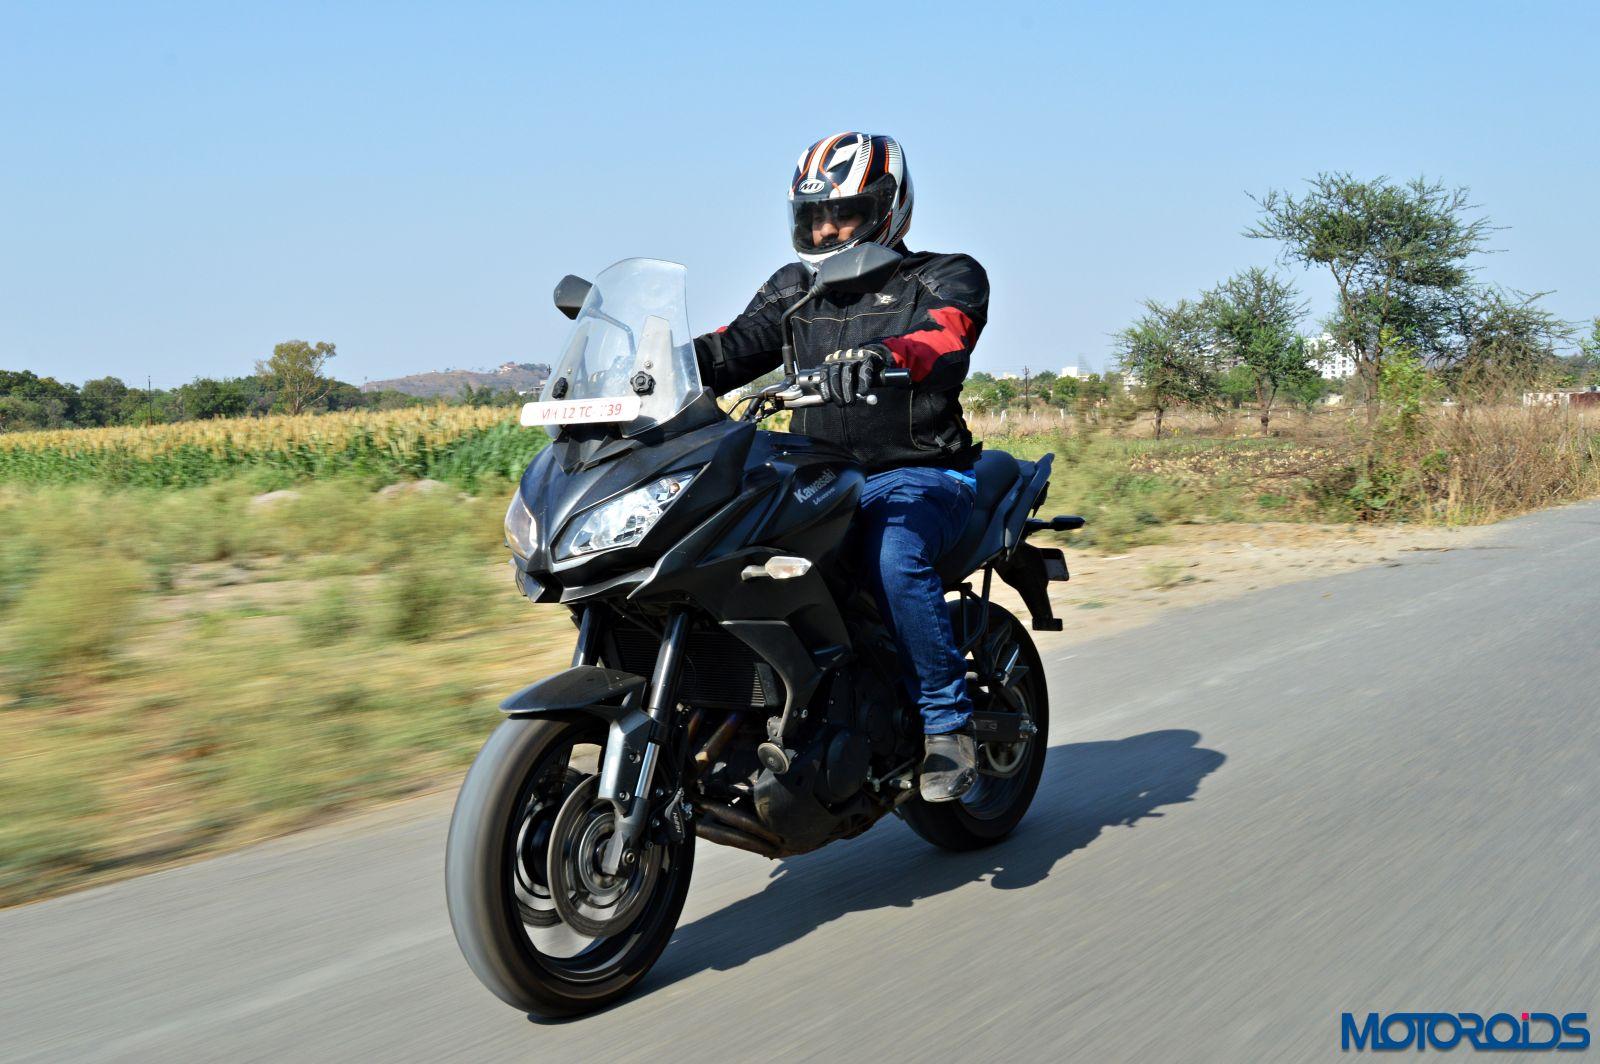 Kawasaki Versys India Review